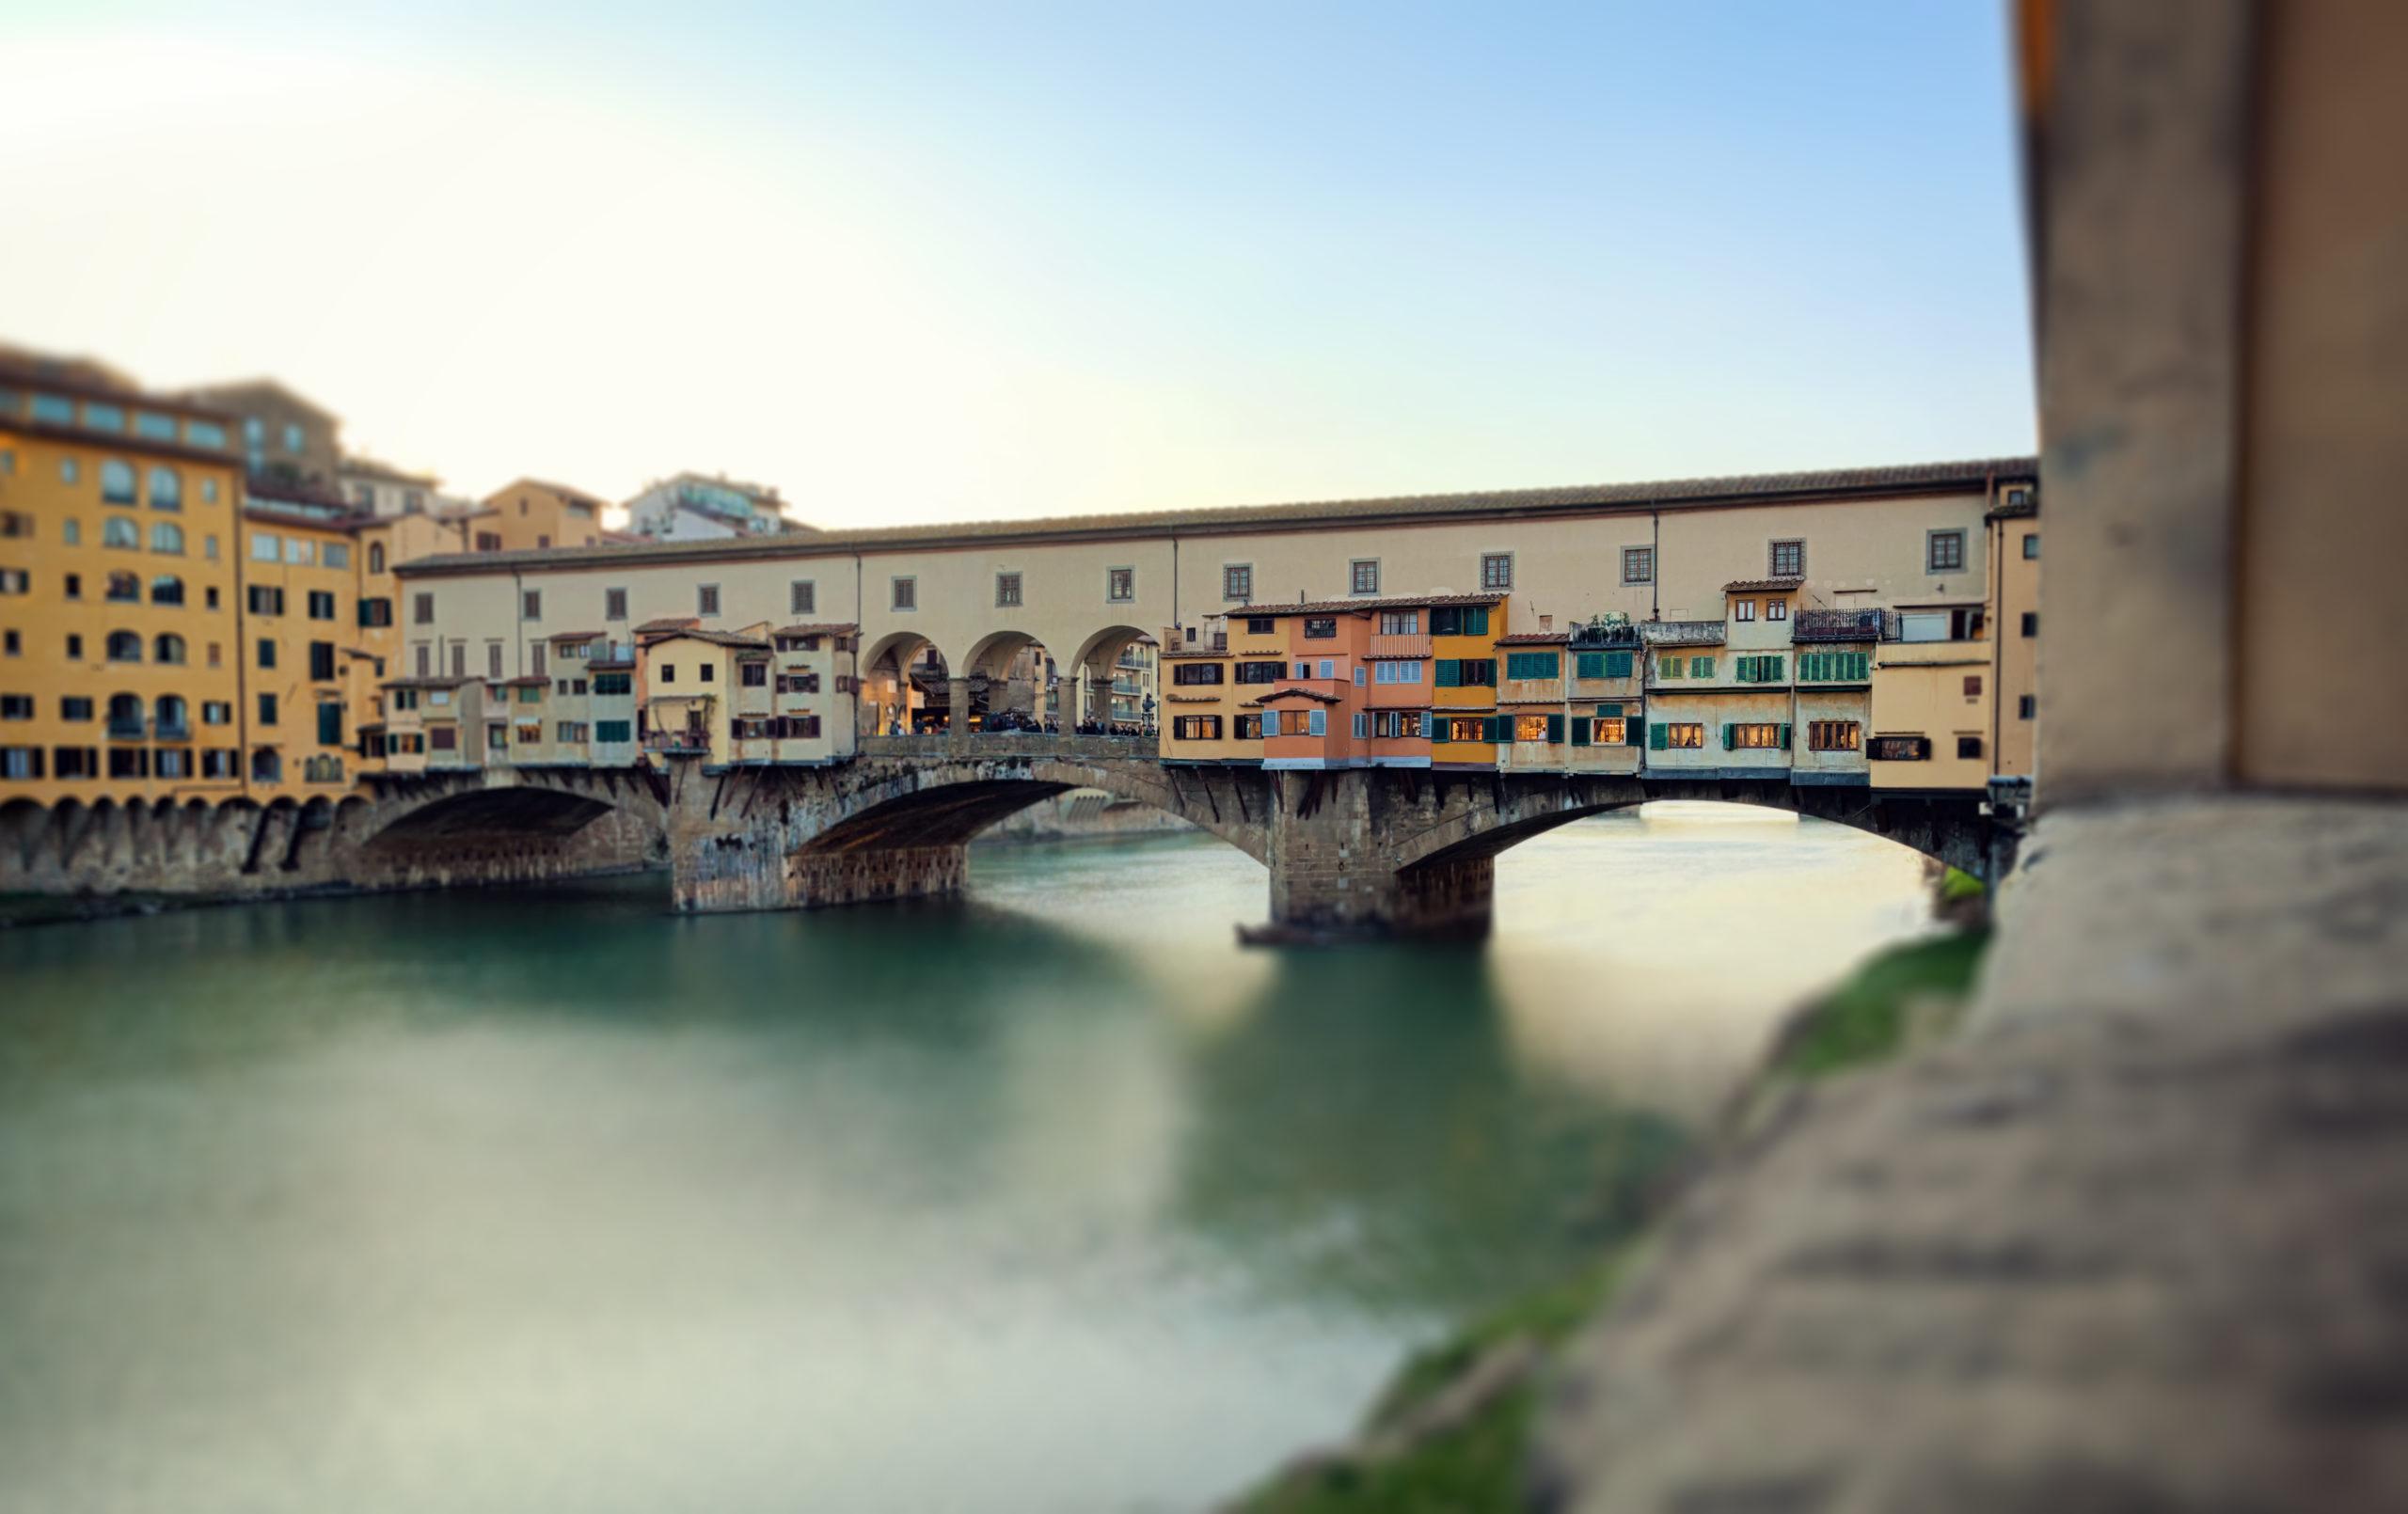 Bridge Ponte Vecchio at sunset, Florence. Miniature effect.